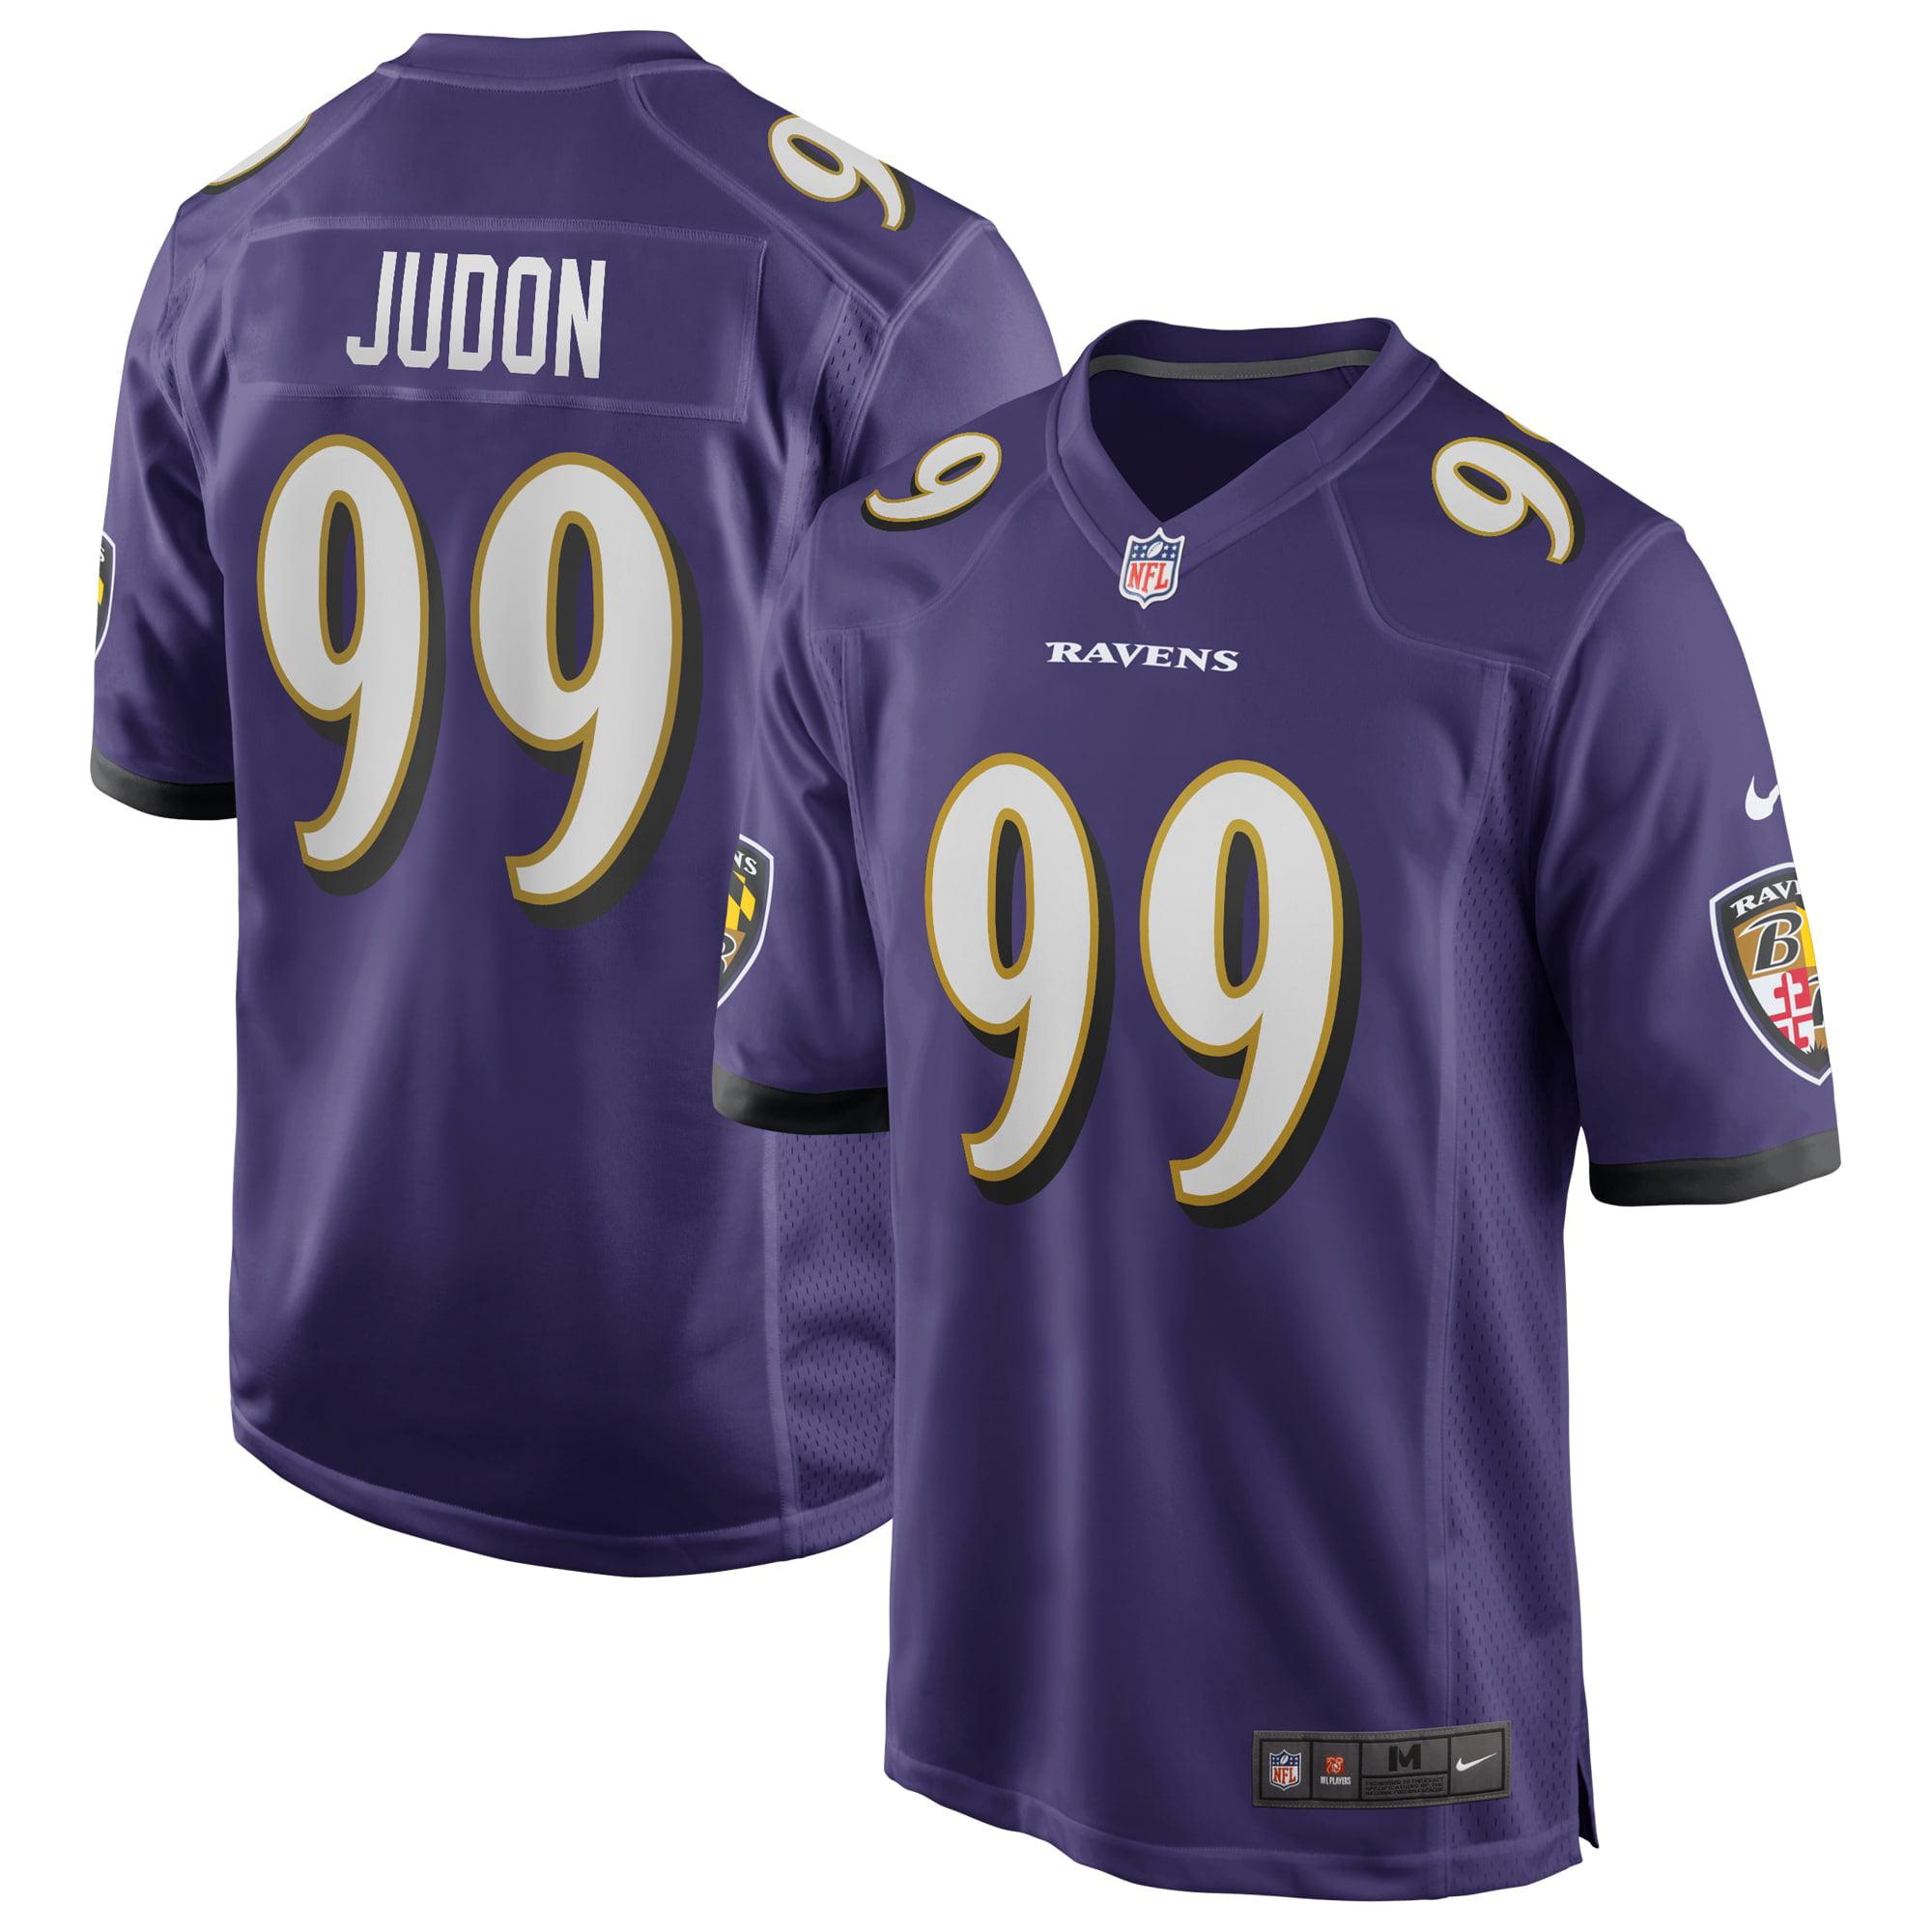 Matthew Judon Baltimore Ravens Nike Game Jersey - Purple - Walmart.com